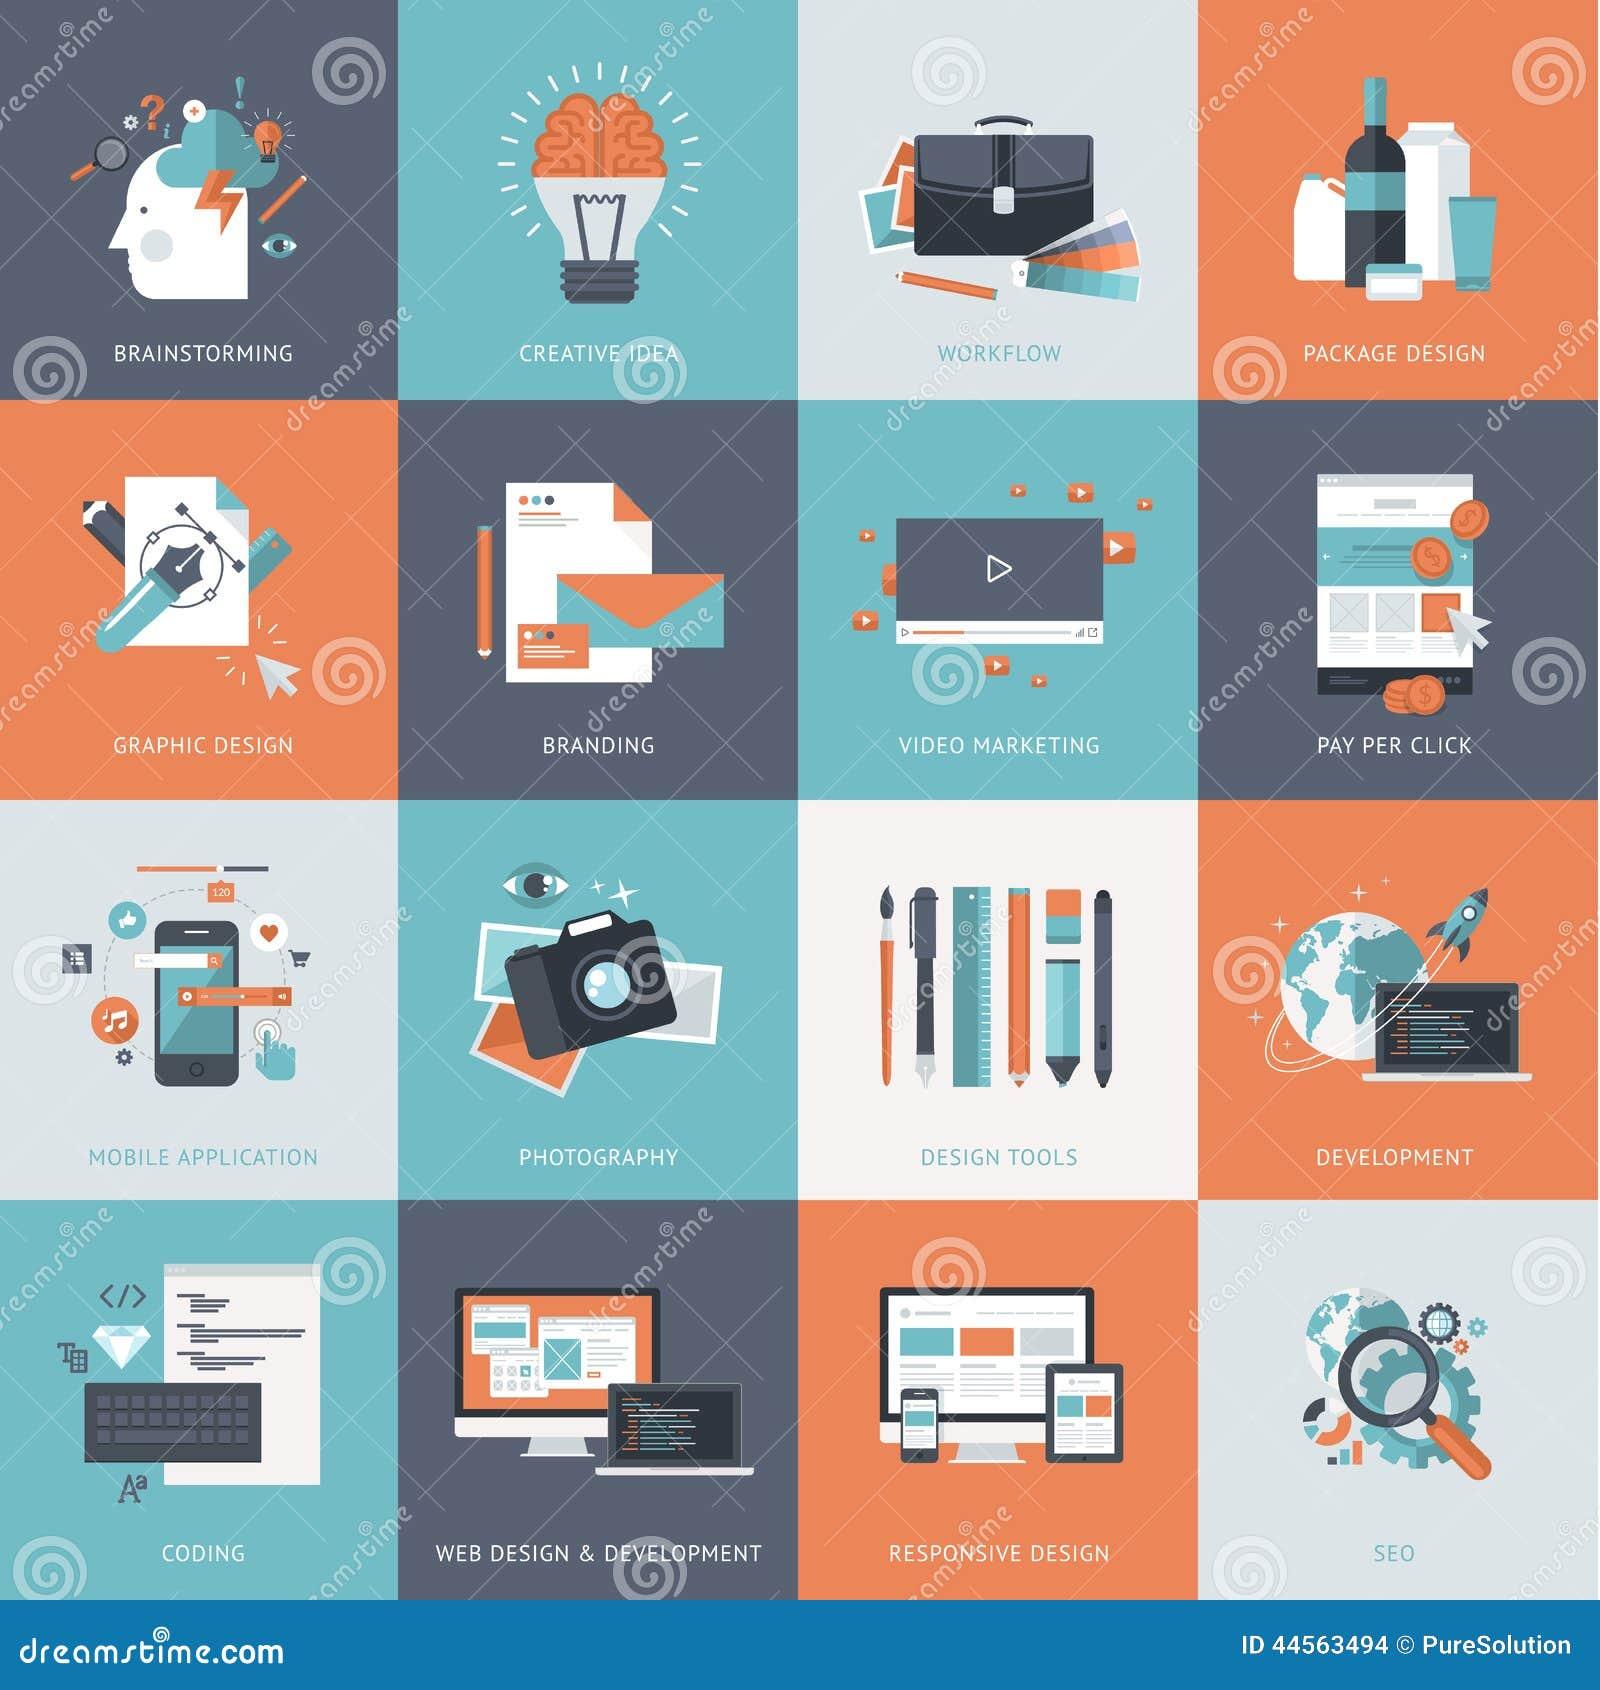 Sistema de los iconos planos del concepto de diseño para el sitio web y el desarrollo del app, diseño gráfico, calificando, seo